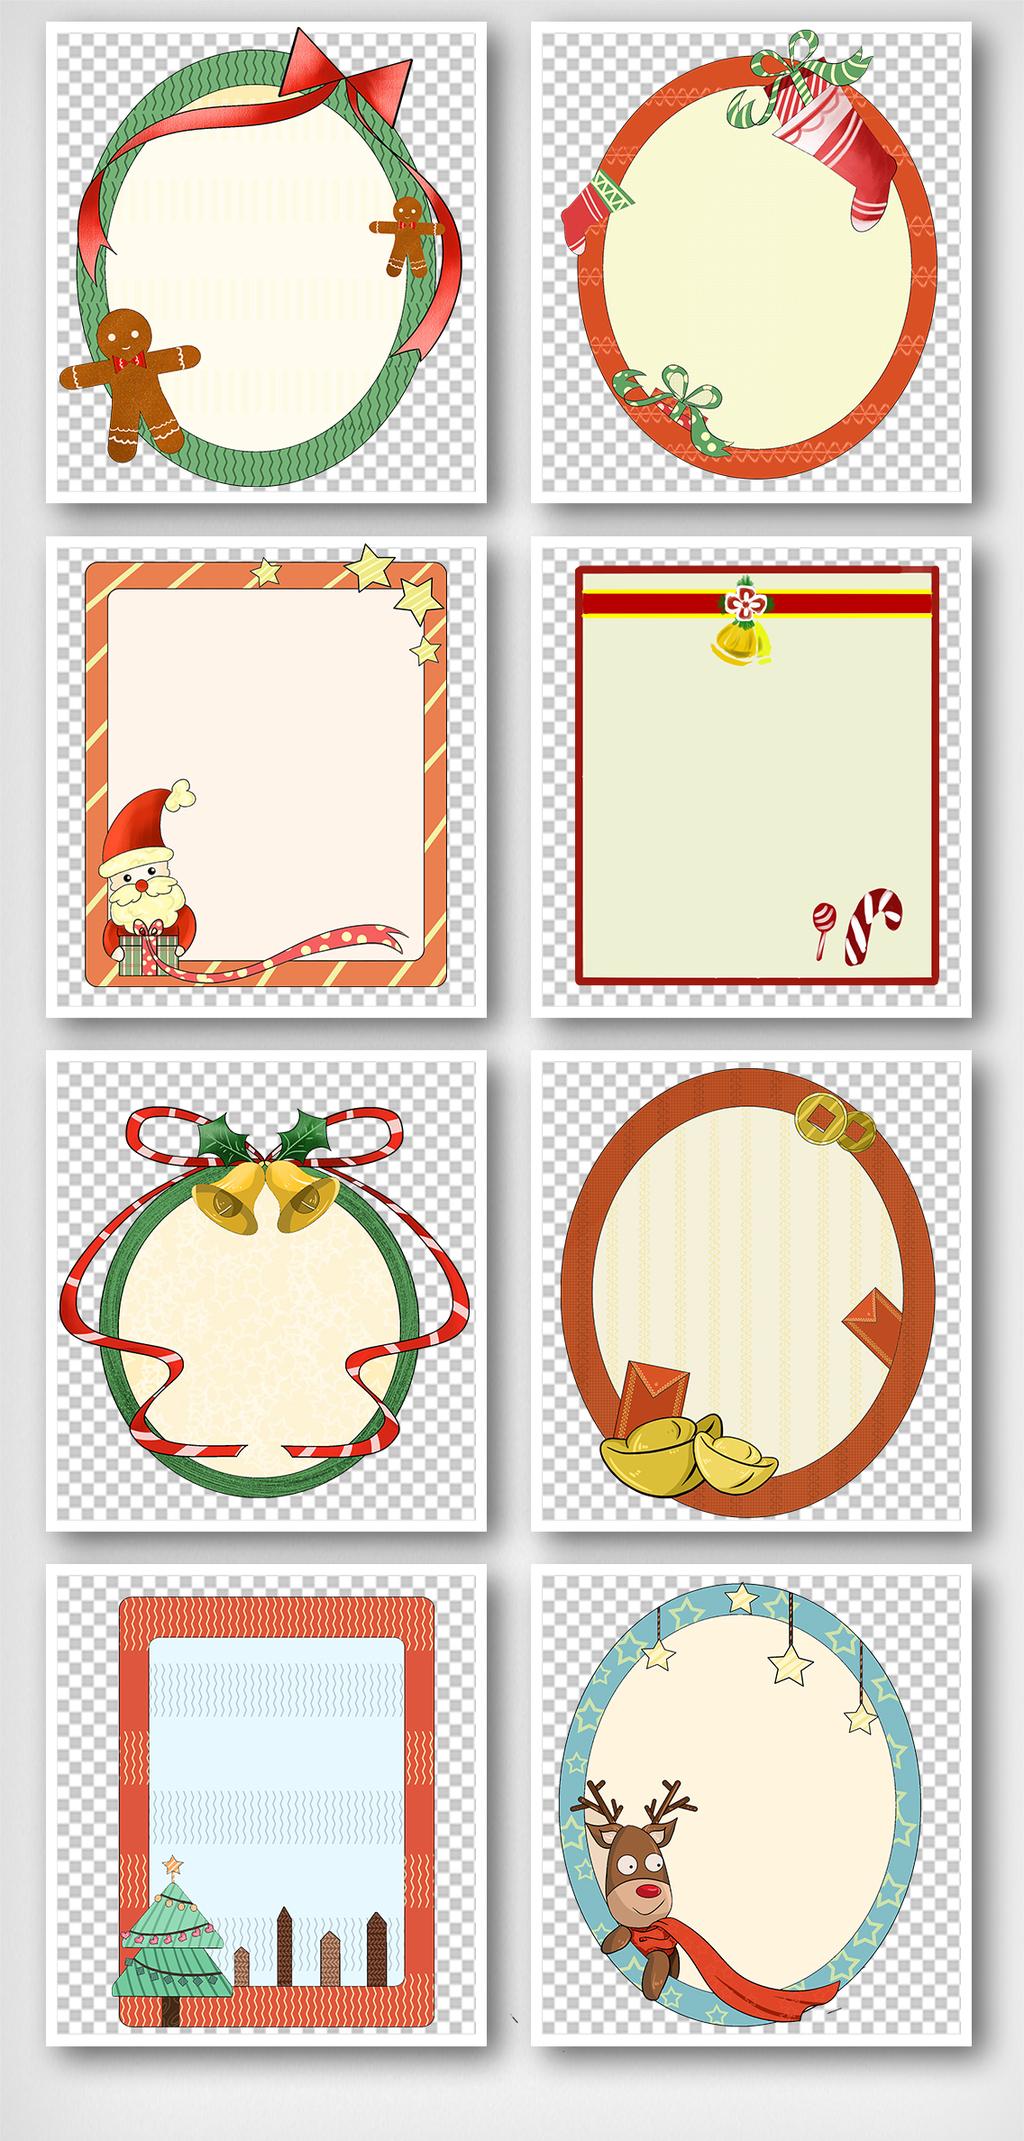 卡通圣诞装饰手抄报边框元素